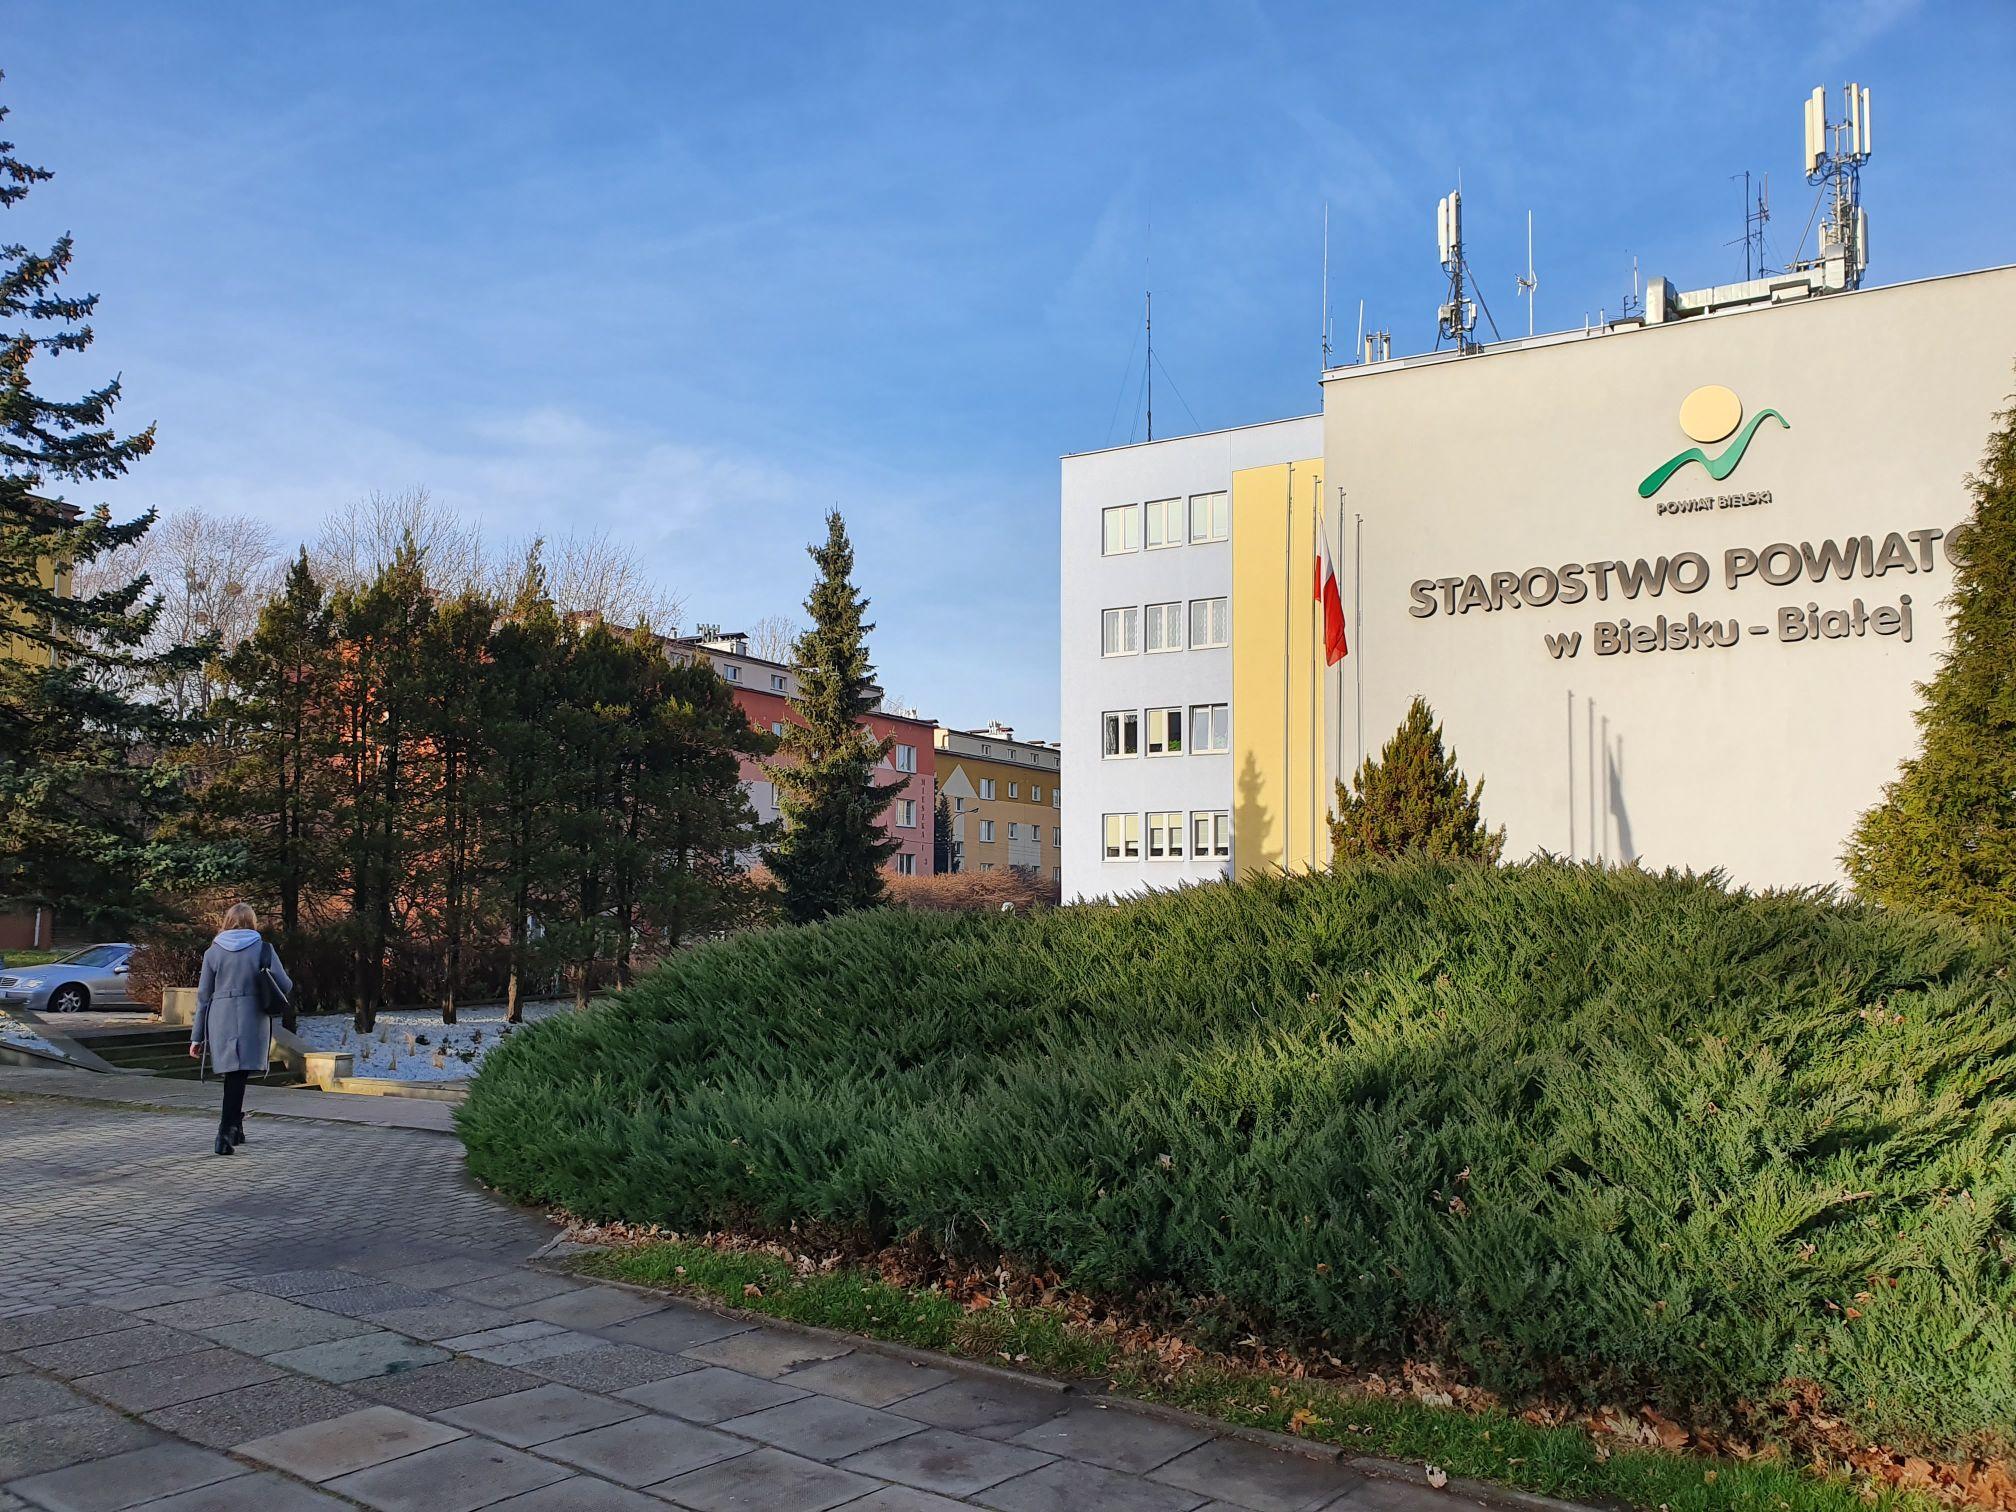 Bielskie Starostwo Powiatowe wprowadza zmiany w obsłudze mieszkańców